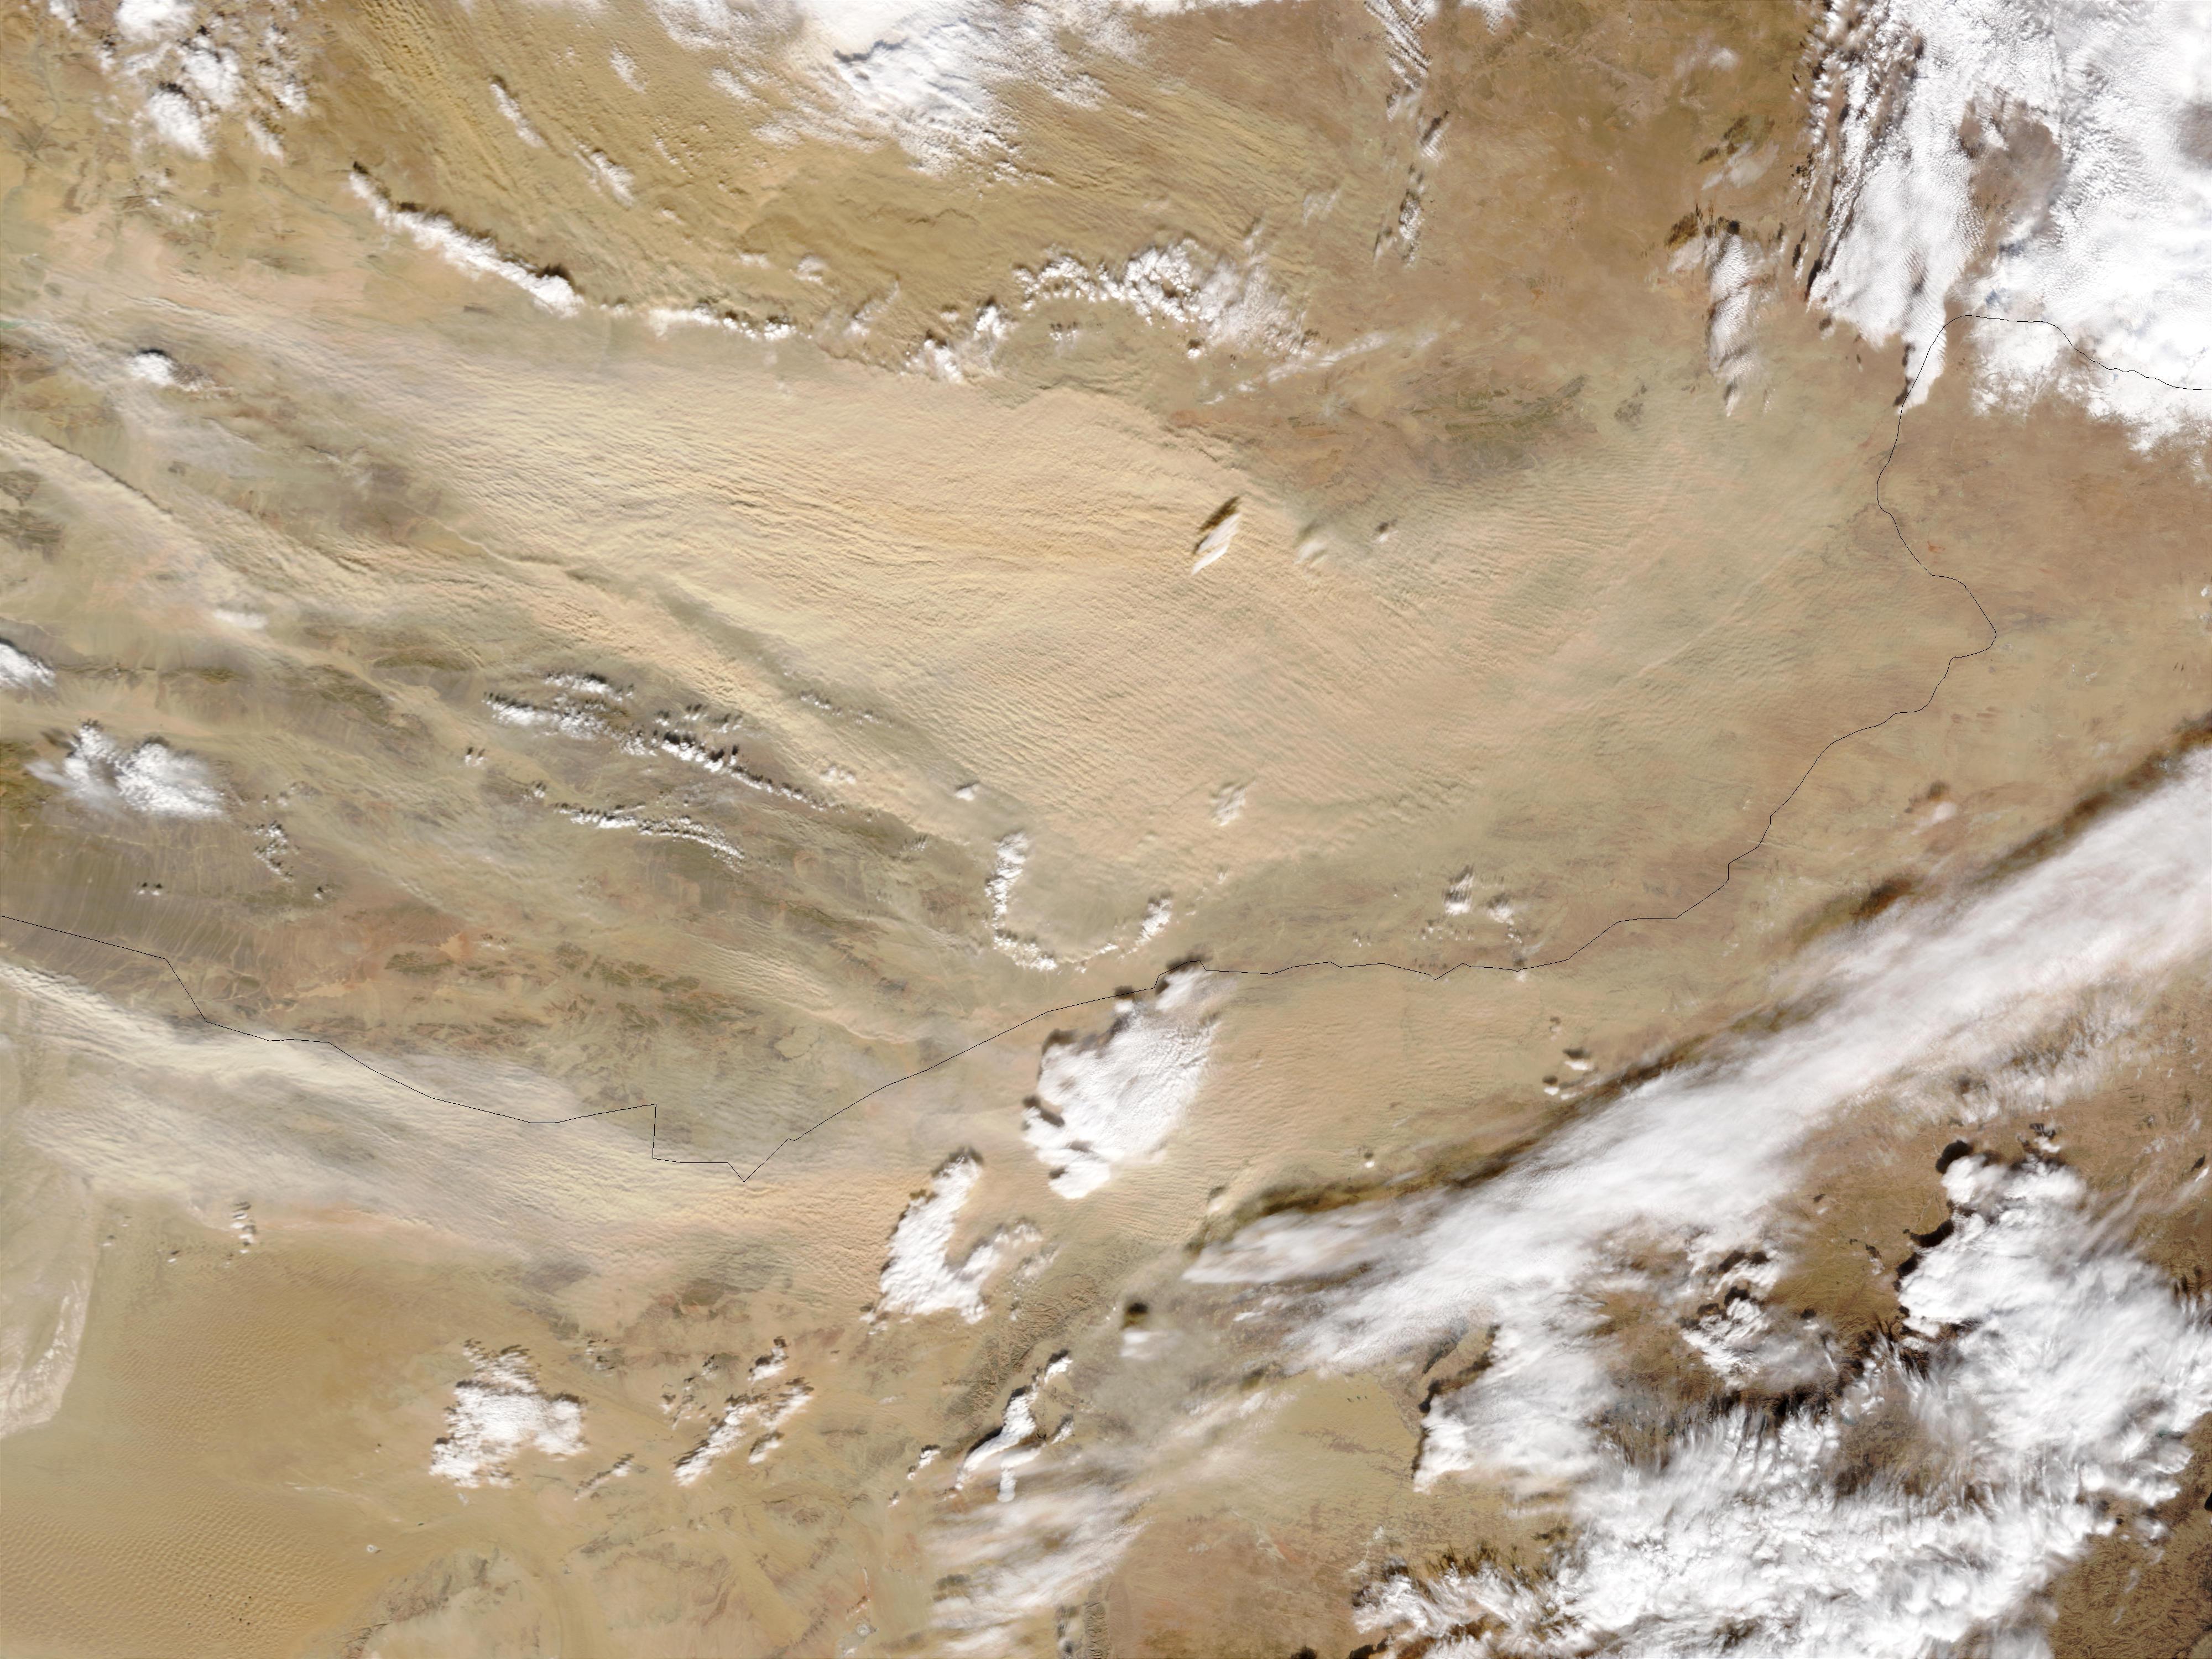 Tormenta de polvareda en el desierto de Gobi, Mongolia